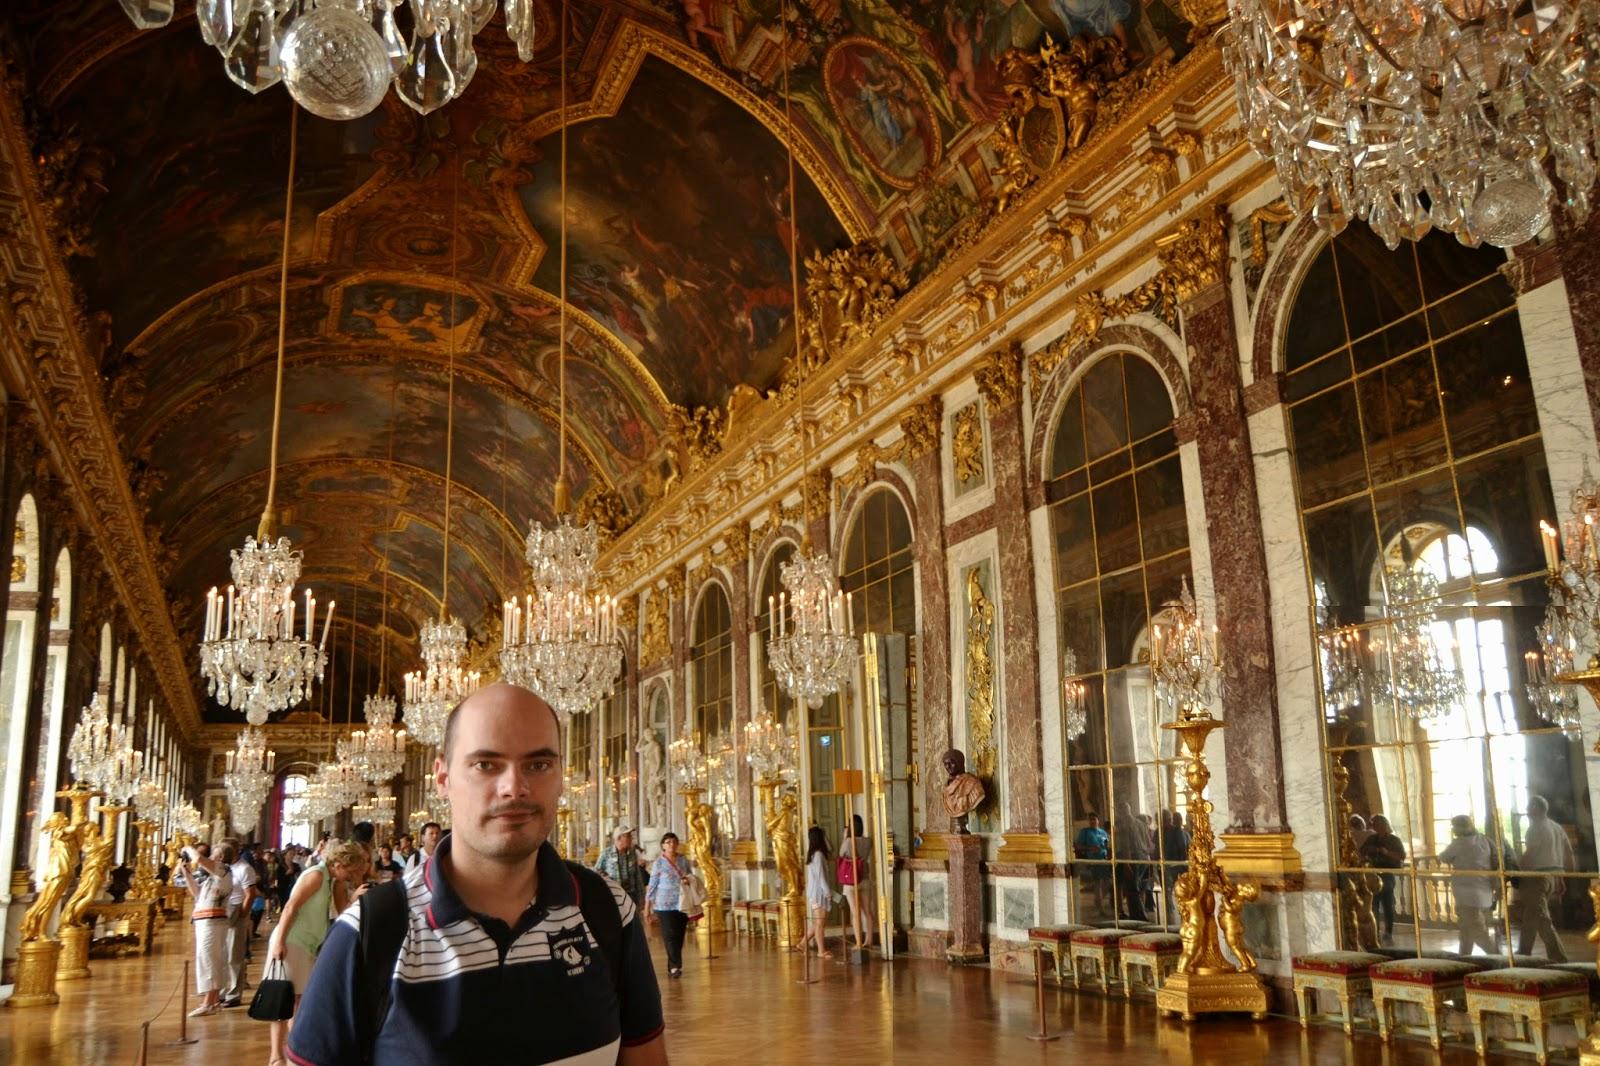 De paseo por europa excursiones desde par s 1 versalles for Salon los espejos